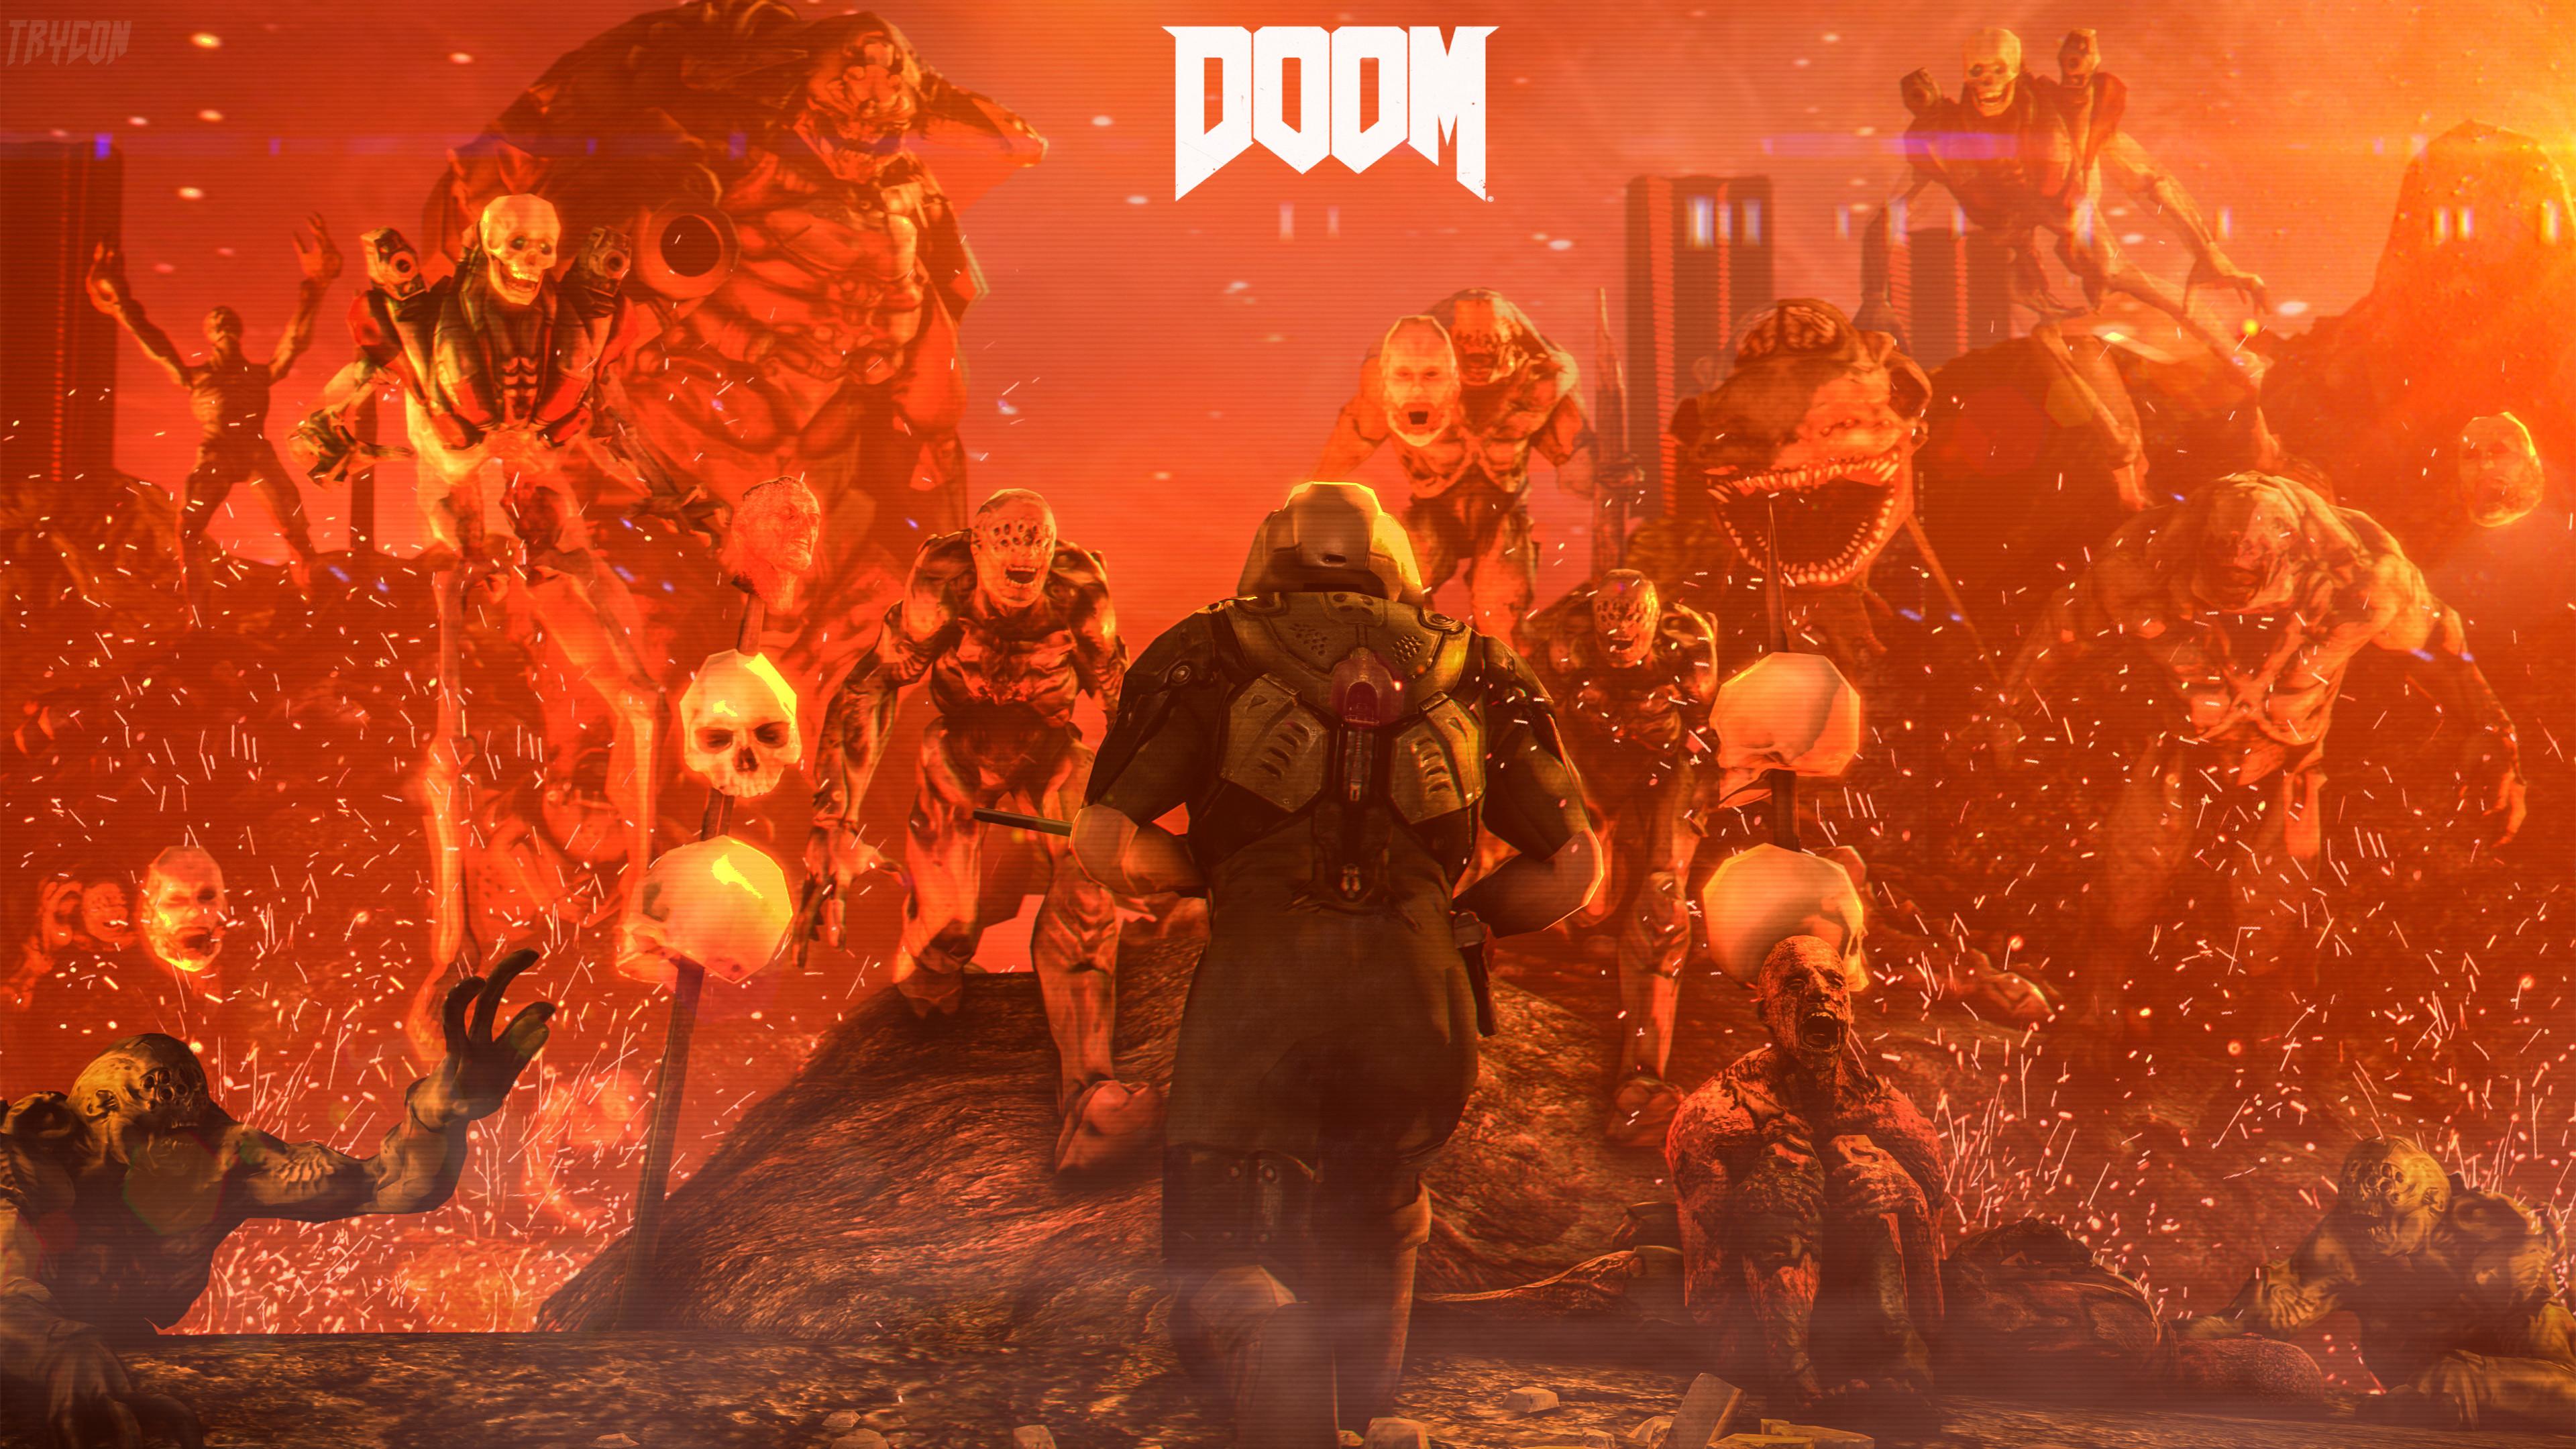 Res: 3840x2160, Doom 4 Digital Art